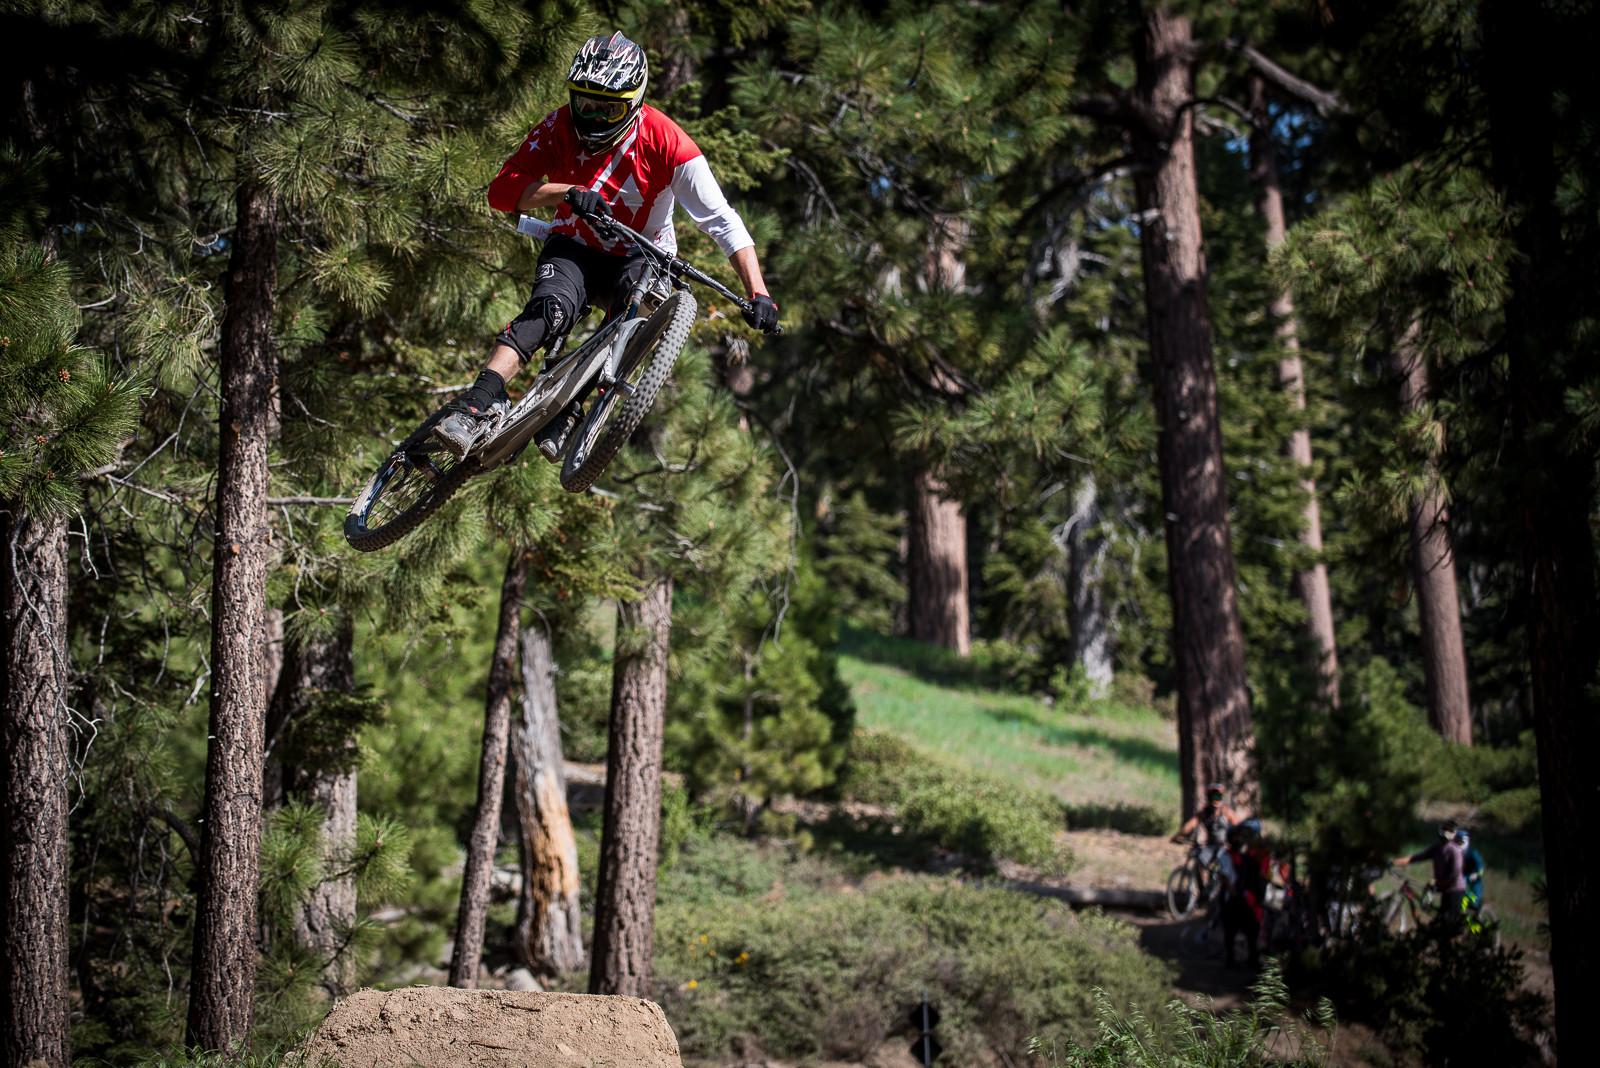 Josh Job - Vital Ditch Day 2016 at Snow Summit Bike Park - Mountain Biking Pictures - Vital MTB